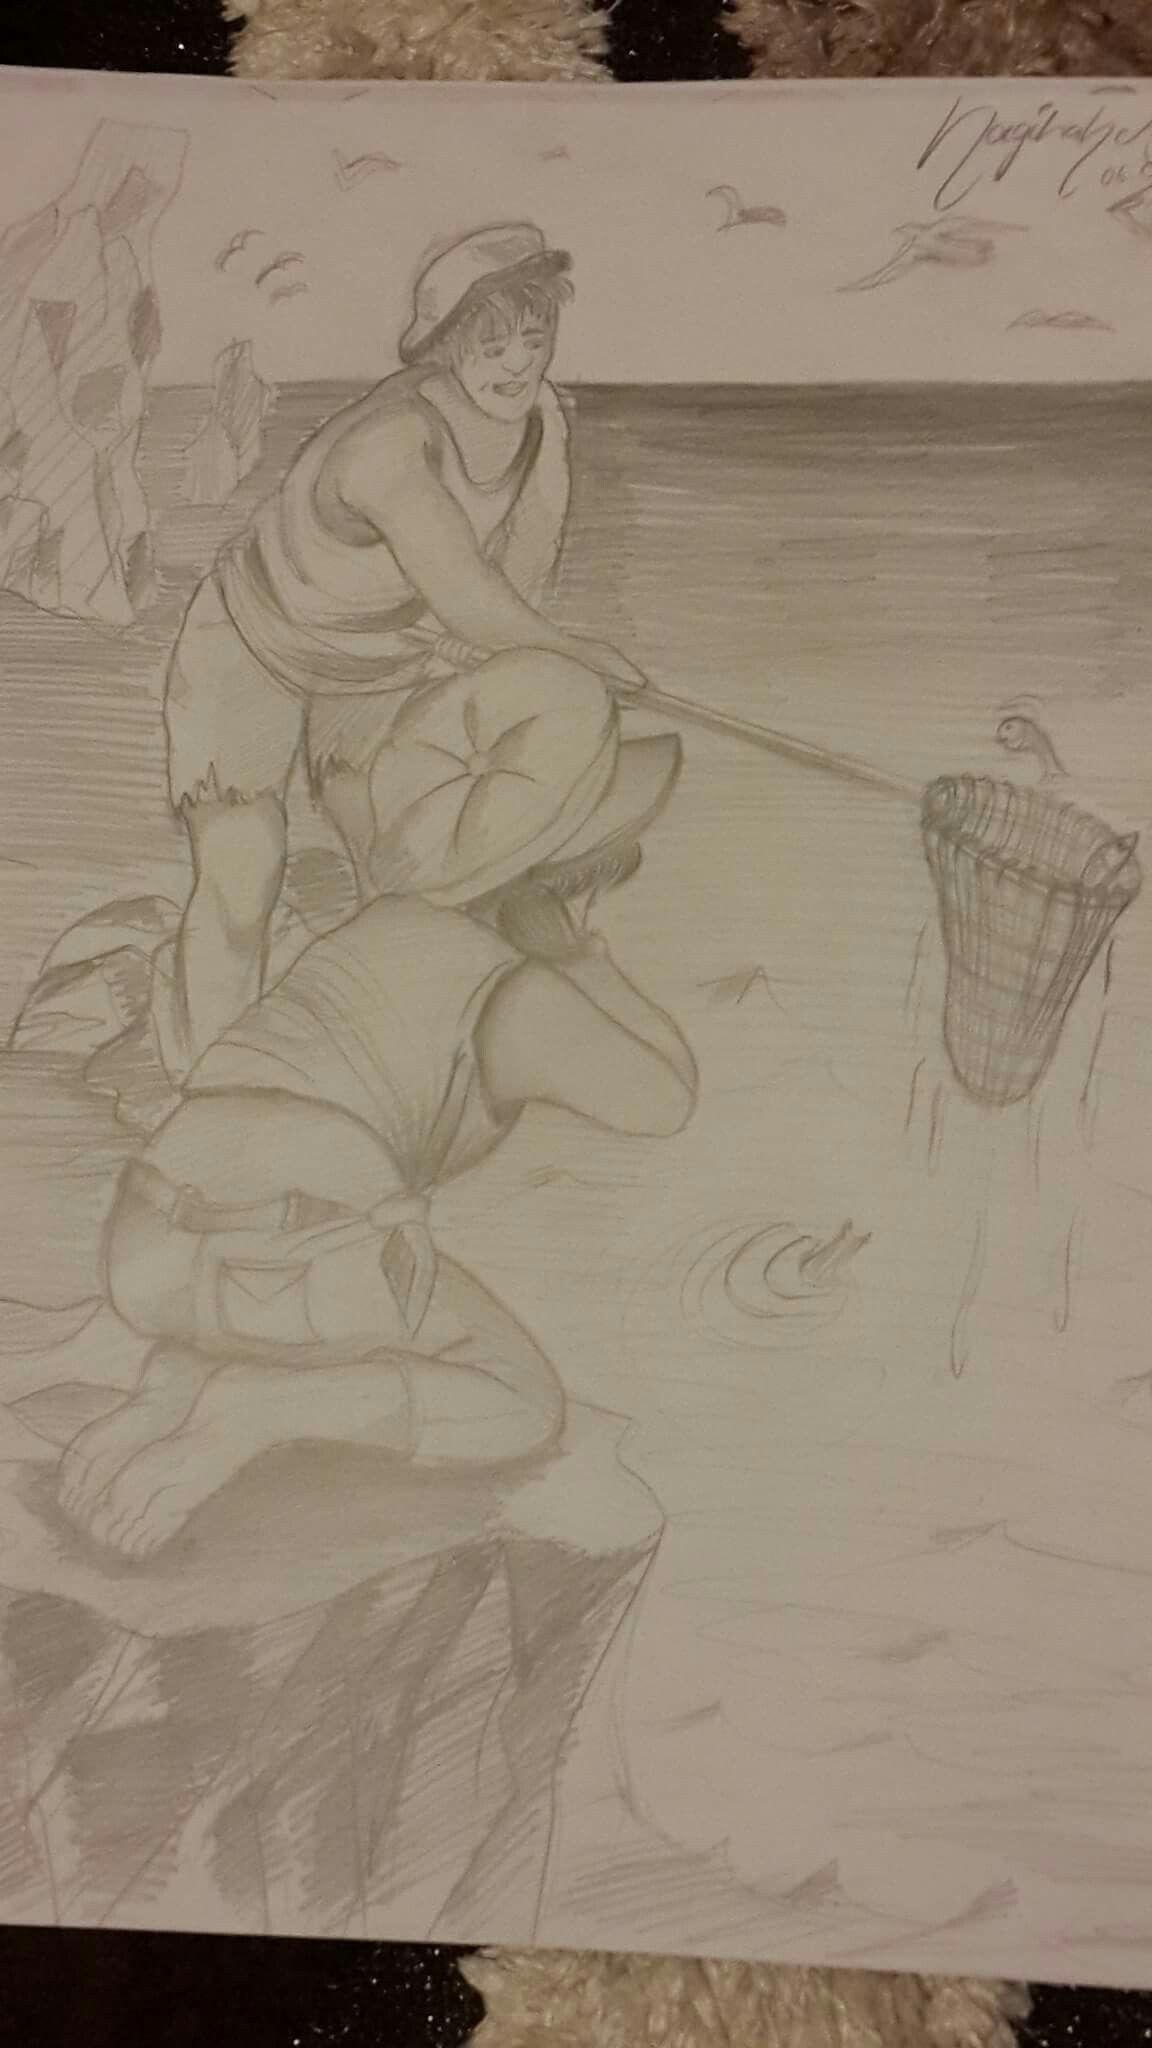 Balık Tutan Adam Ve Onu Izleyen Küçük Kızdan Oluşan 2 Figürlü